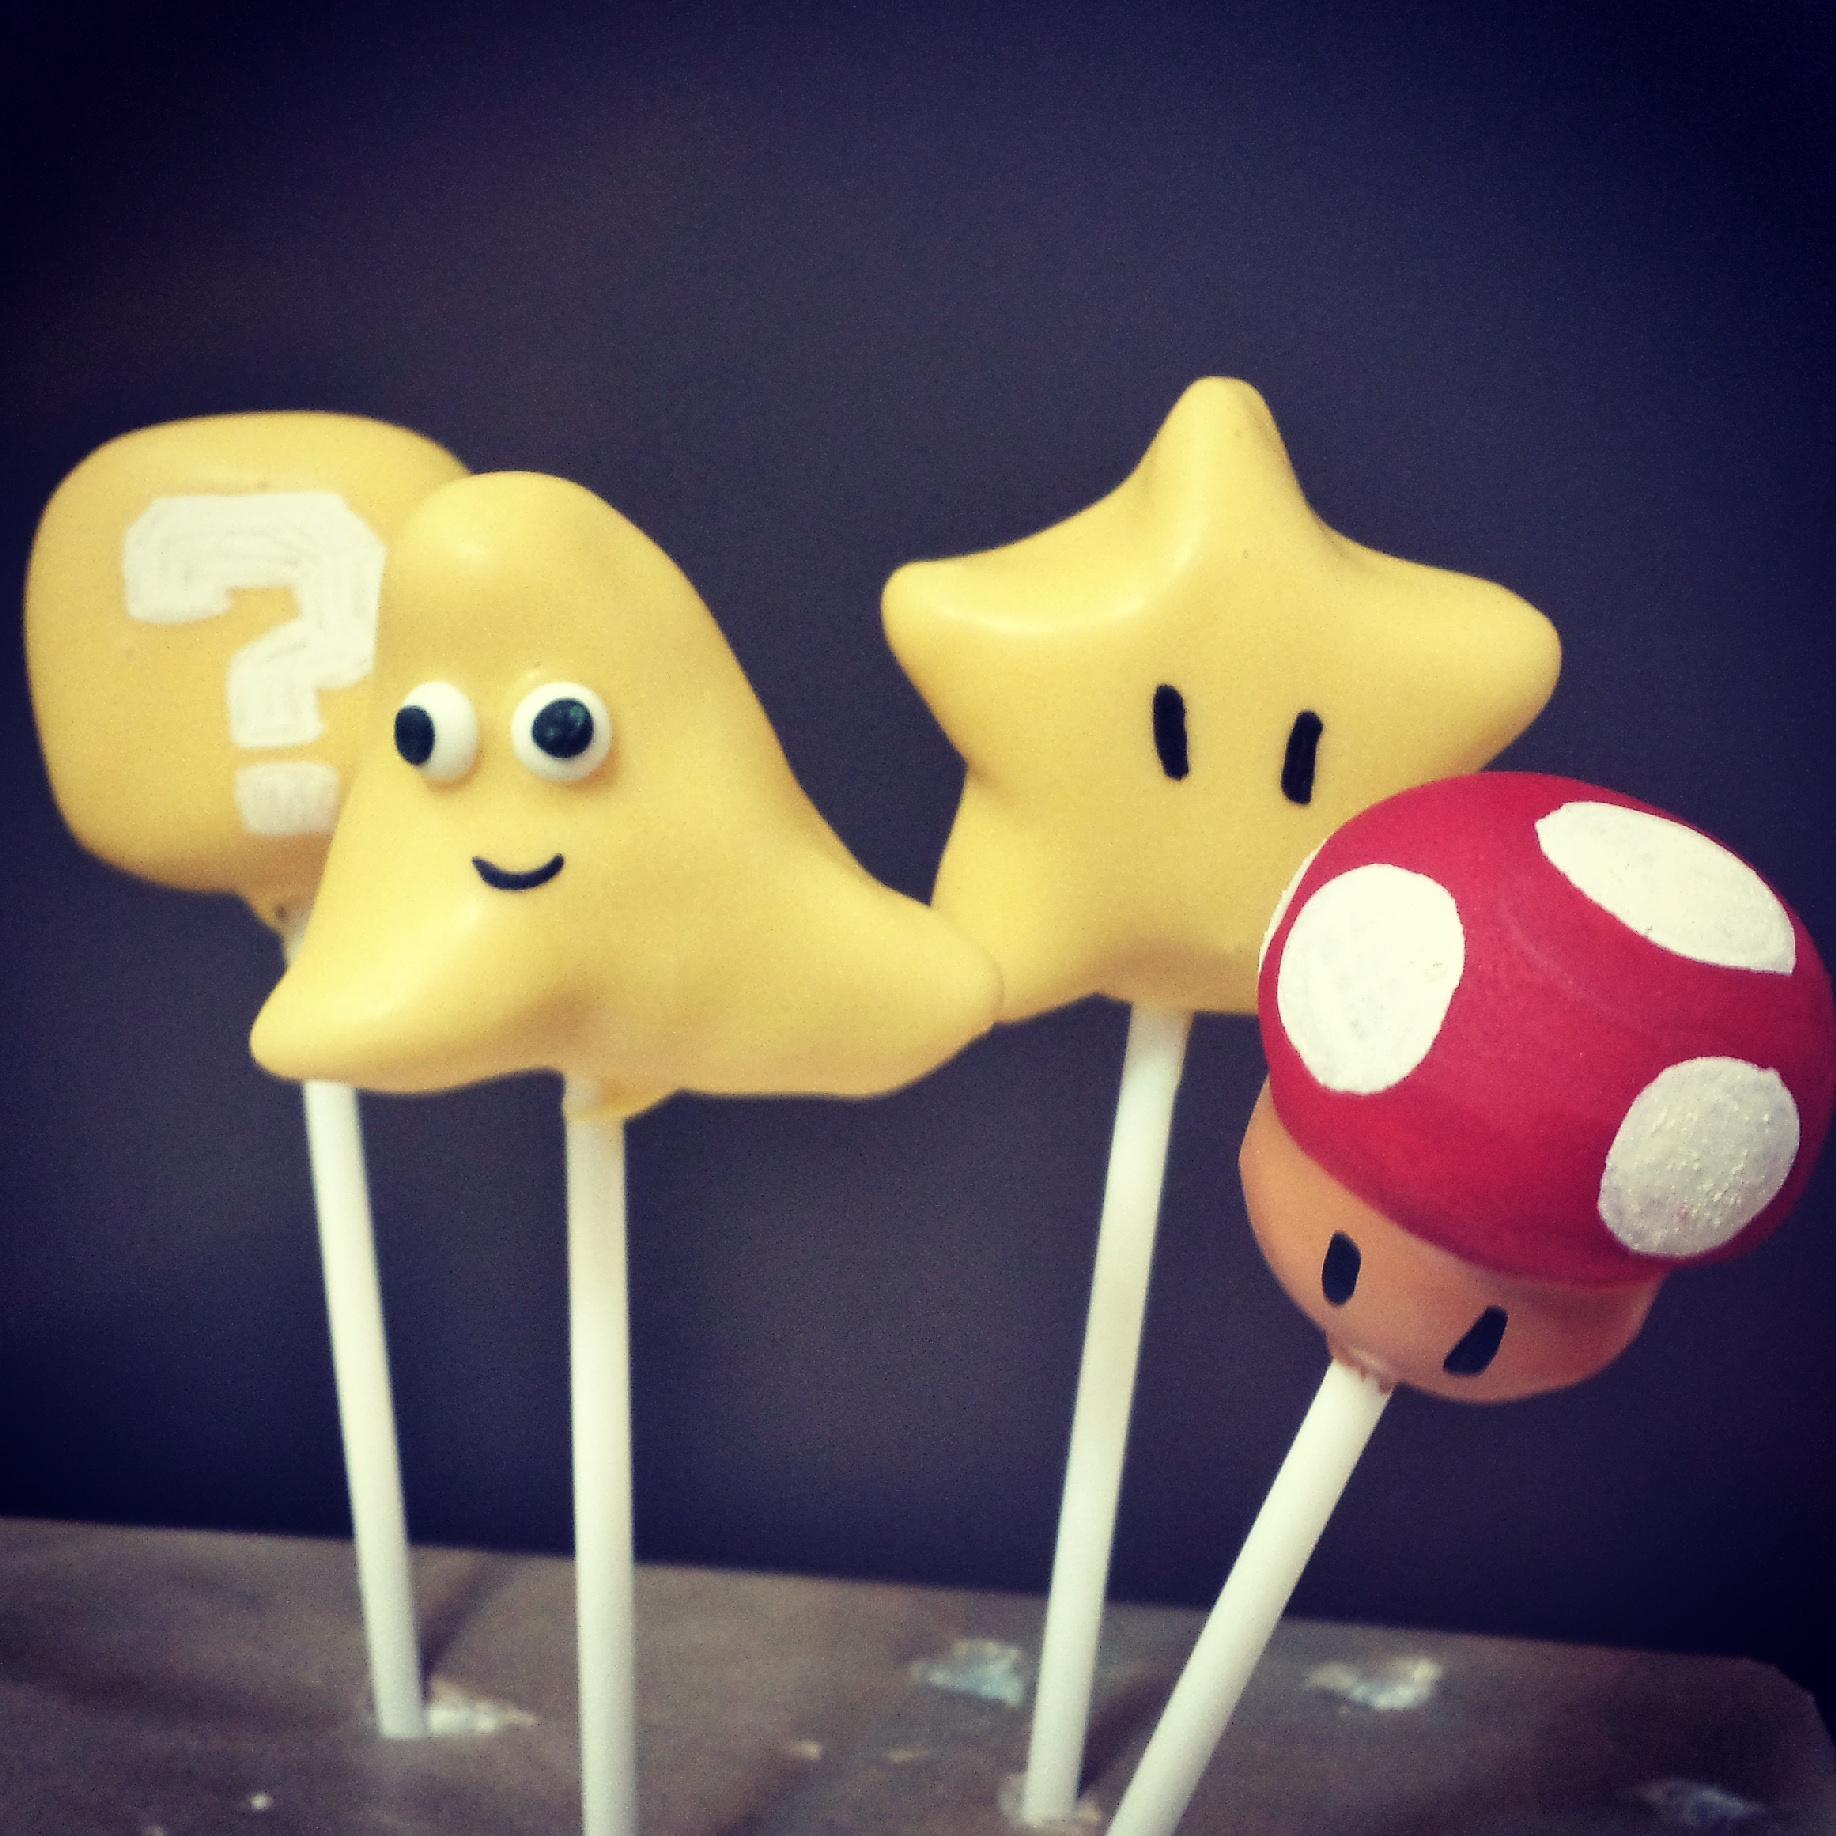 Mario Kart cake pops